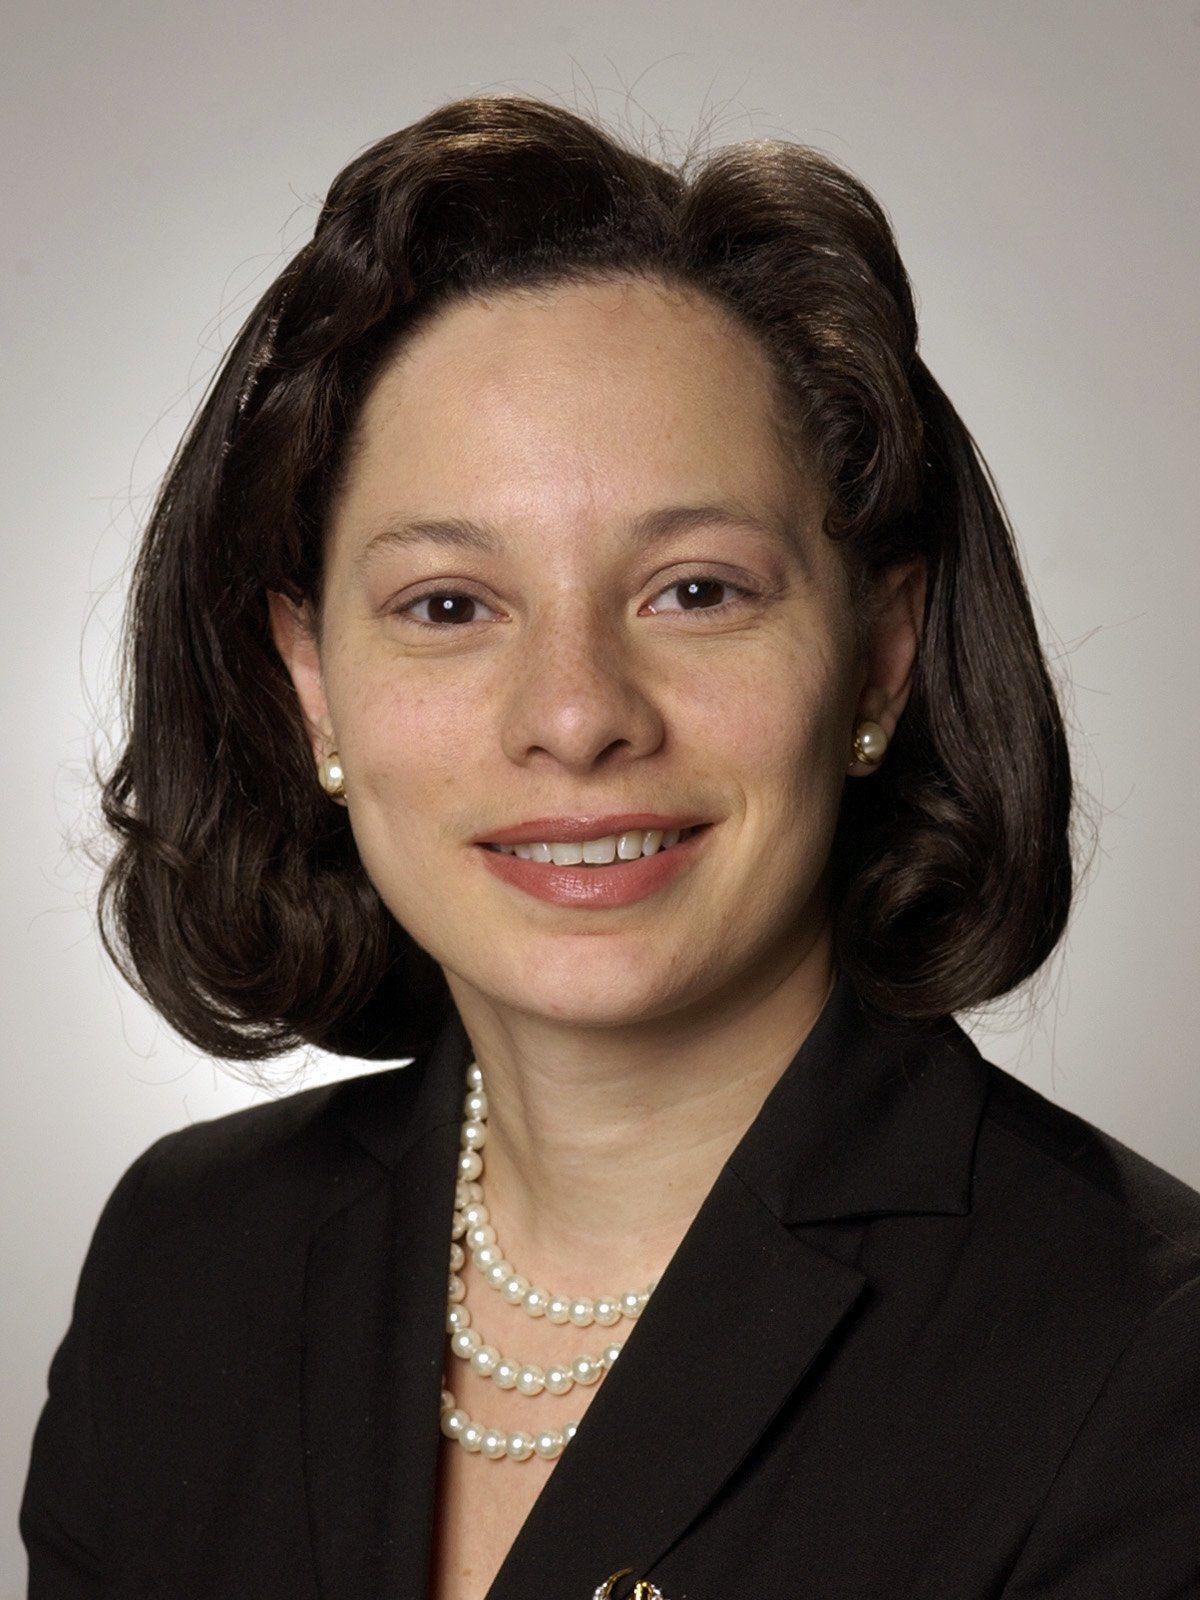 Jennifer McClellan wrier photo page E4, Feb. 4